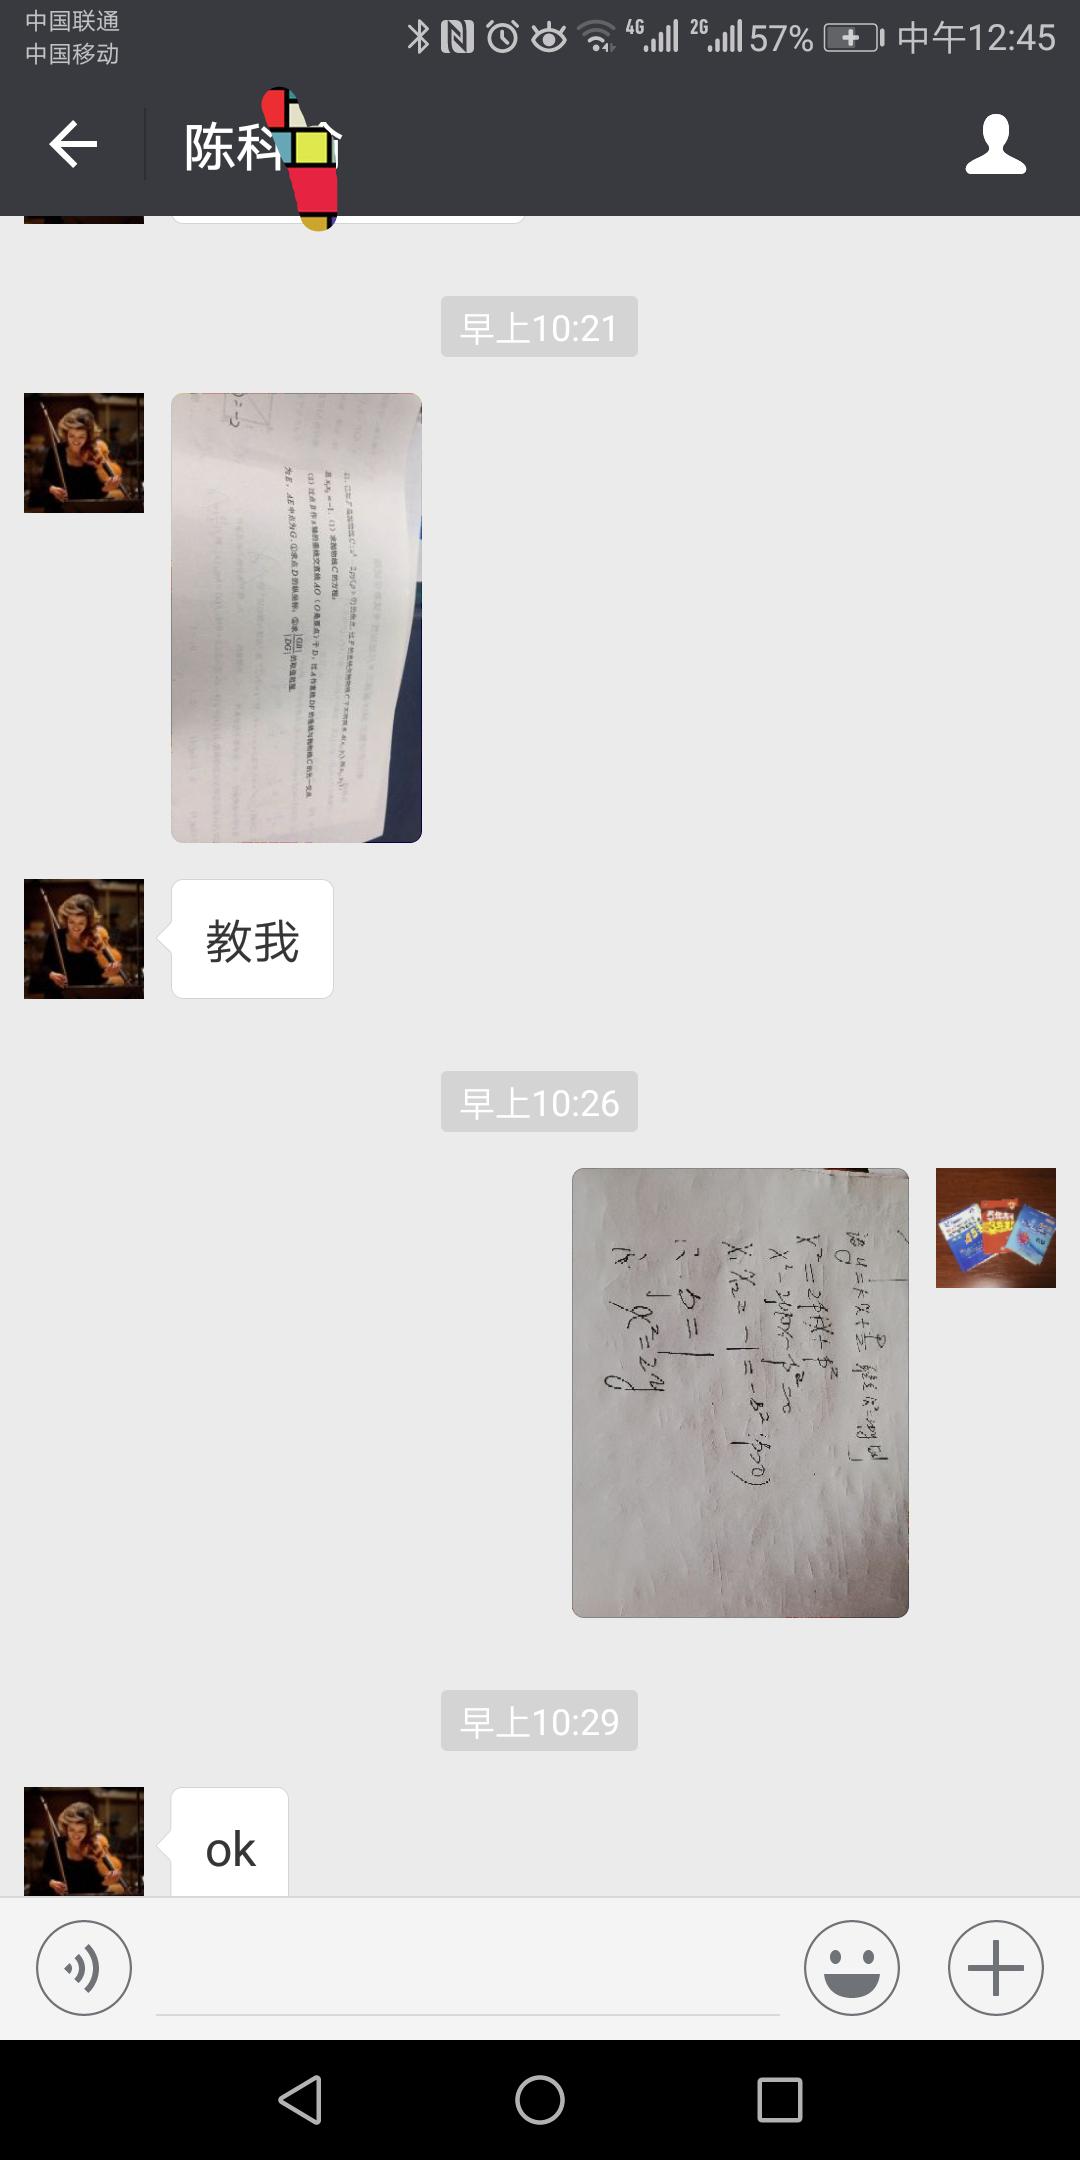 梁老师师相册21